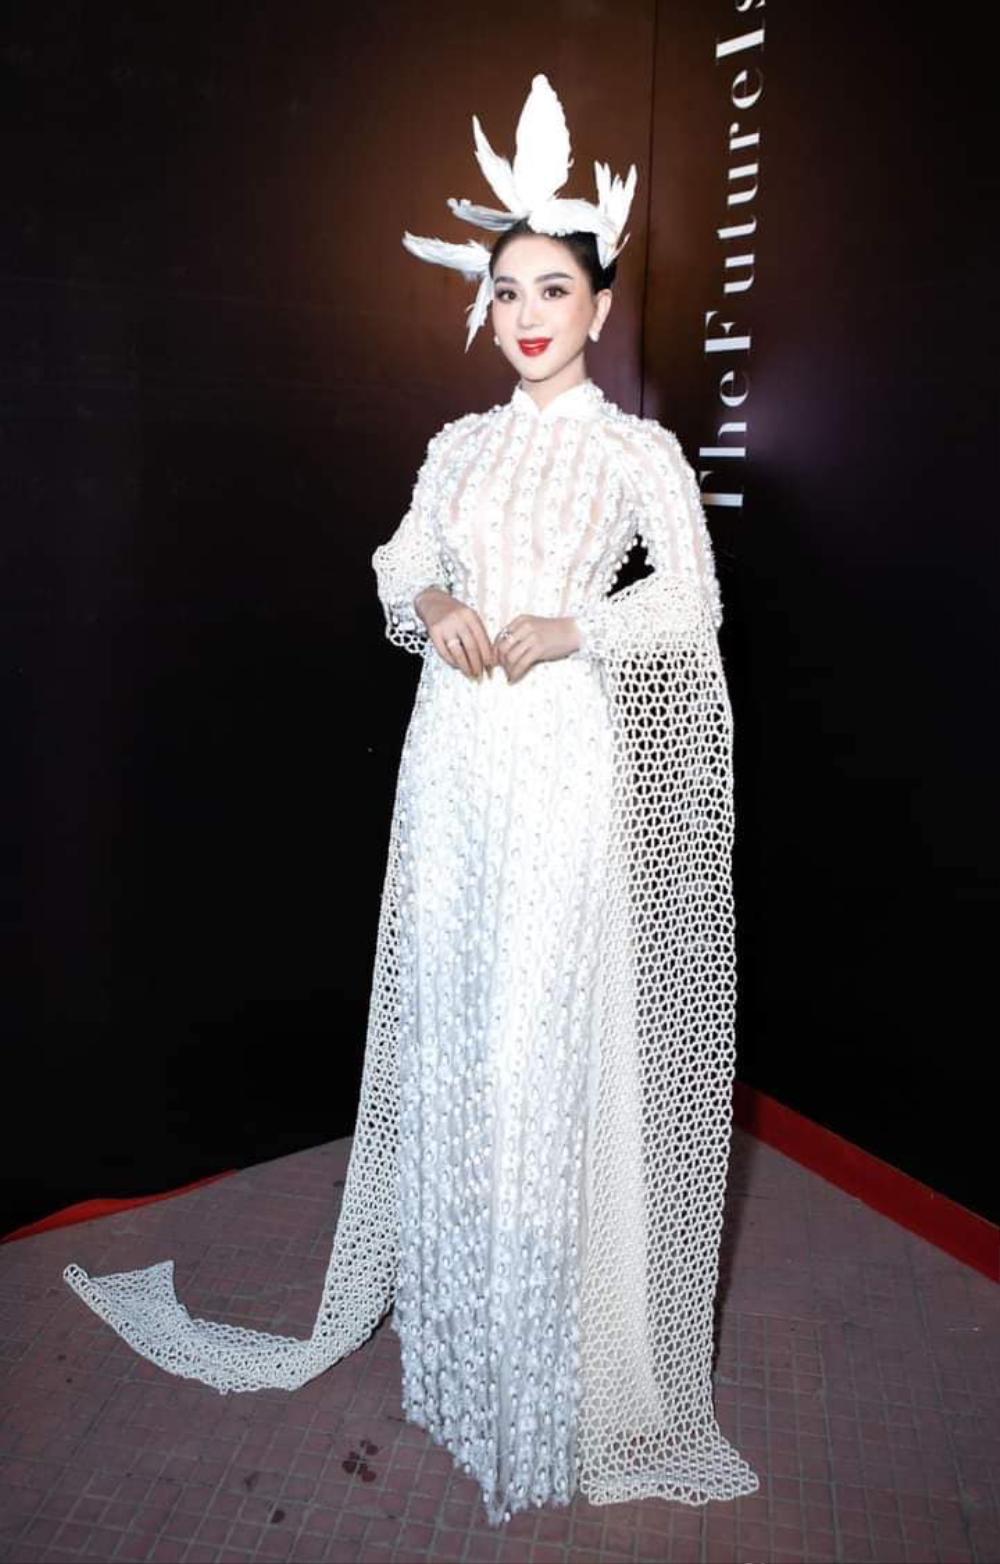 Lâm Khánh Chi mặc đầm xẻ đến hông, xinh đẹp rạng rỡ đạp tan tin đồn chỉnh sửa nát mặt Ảnh 7